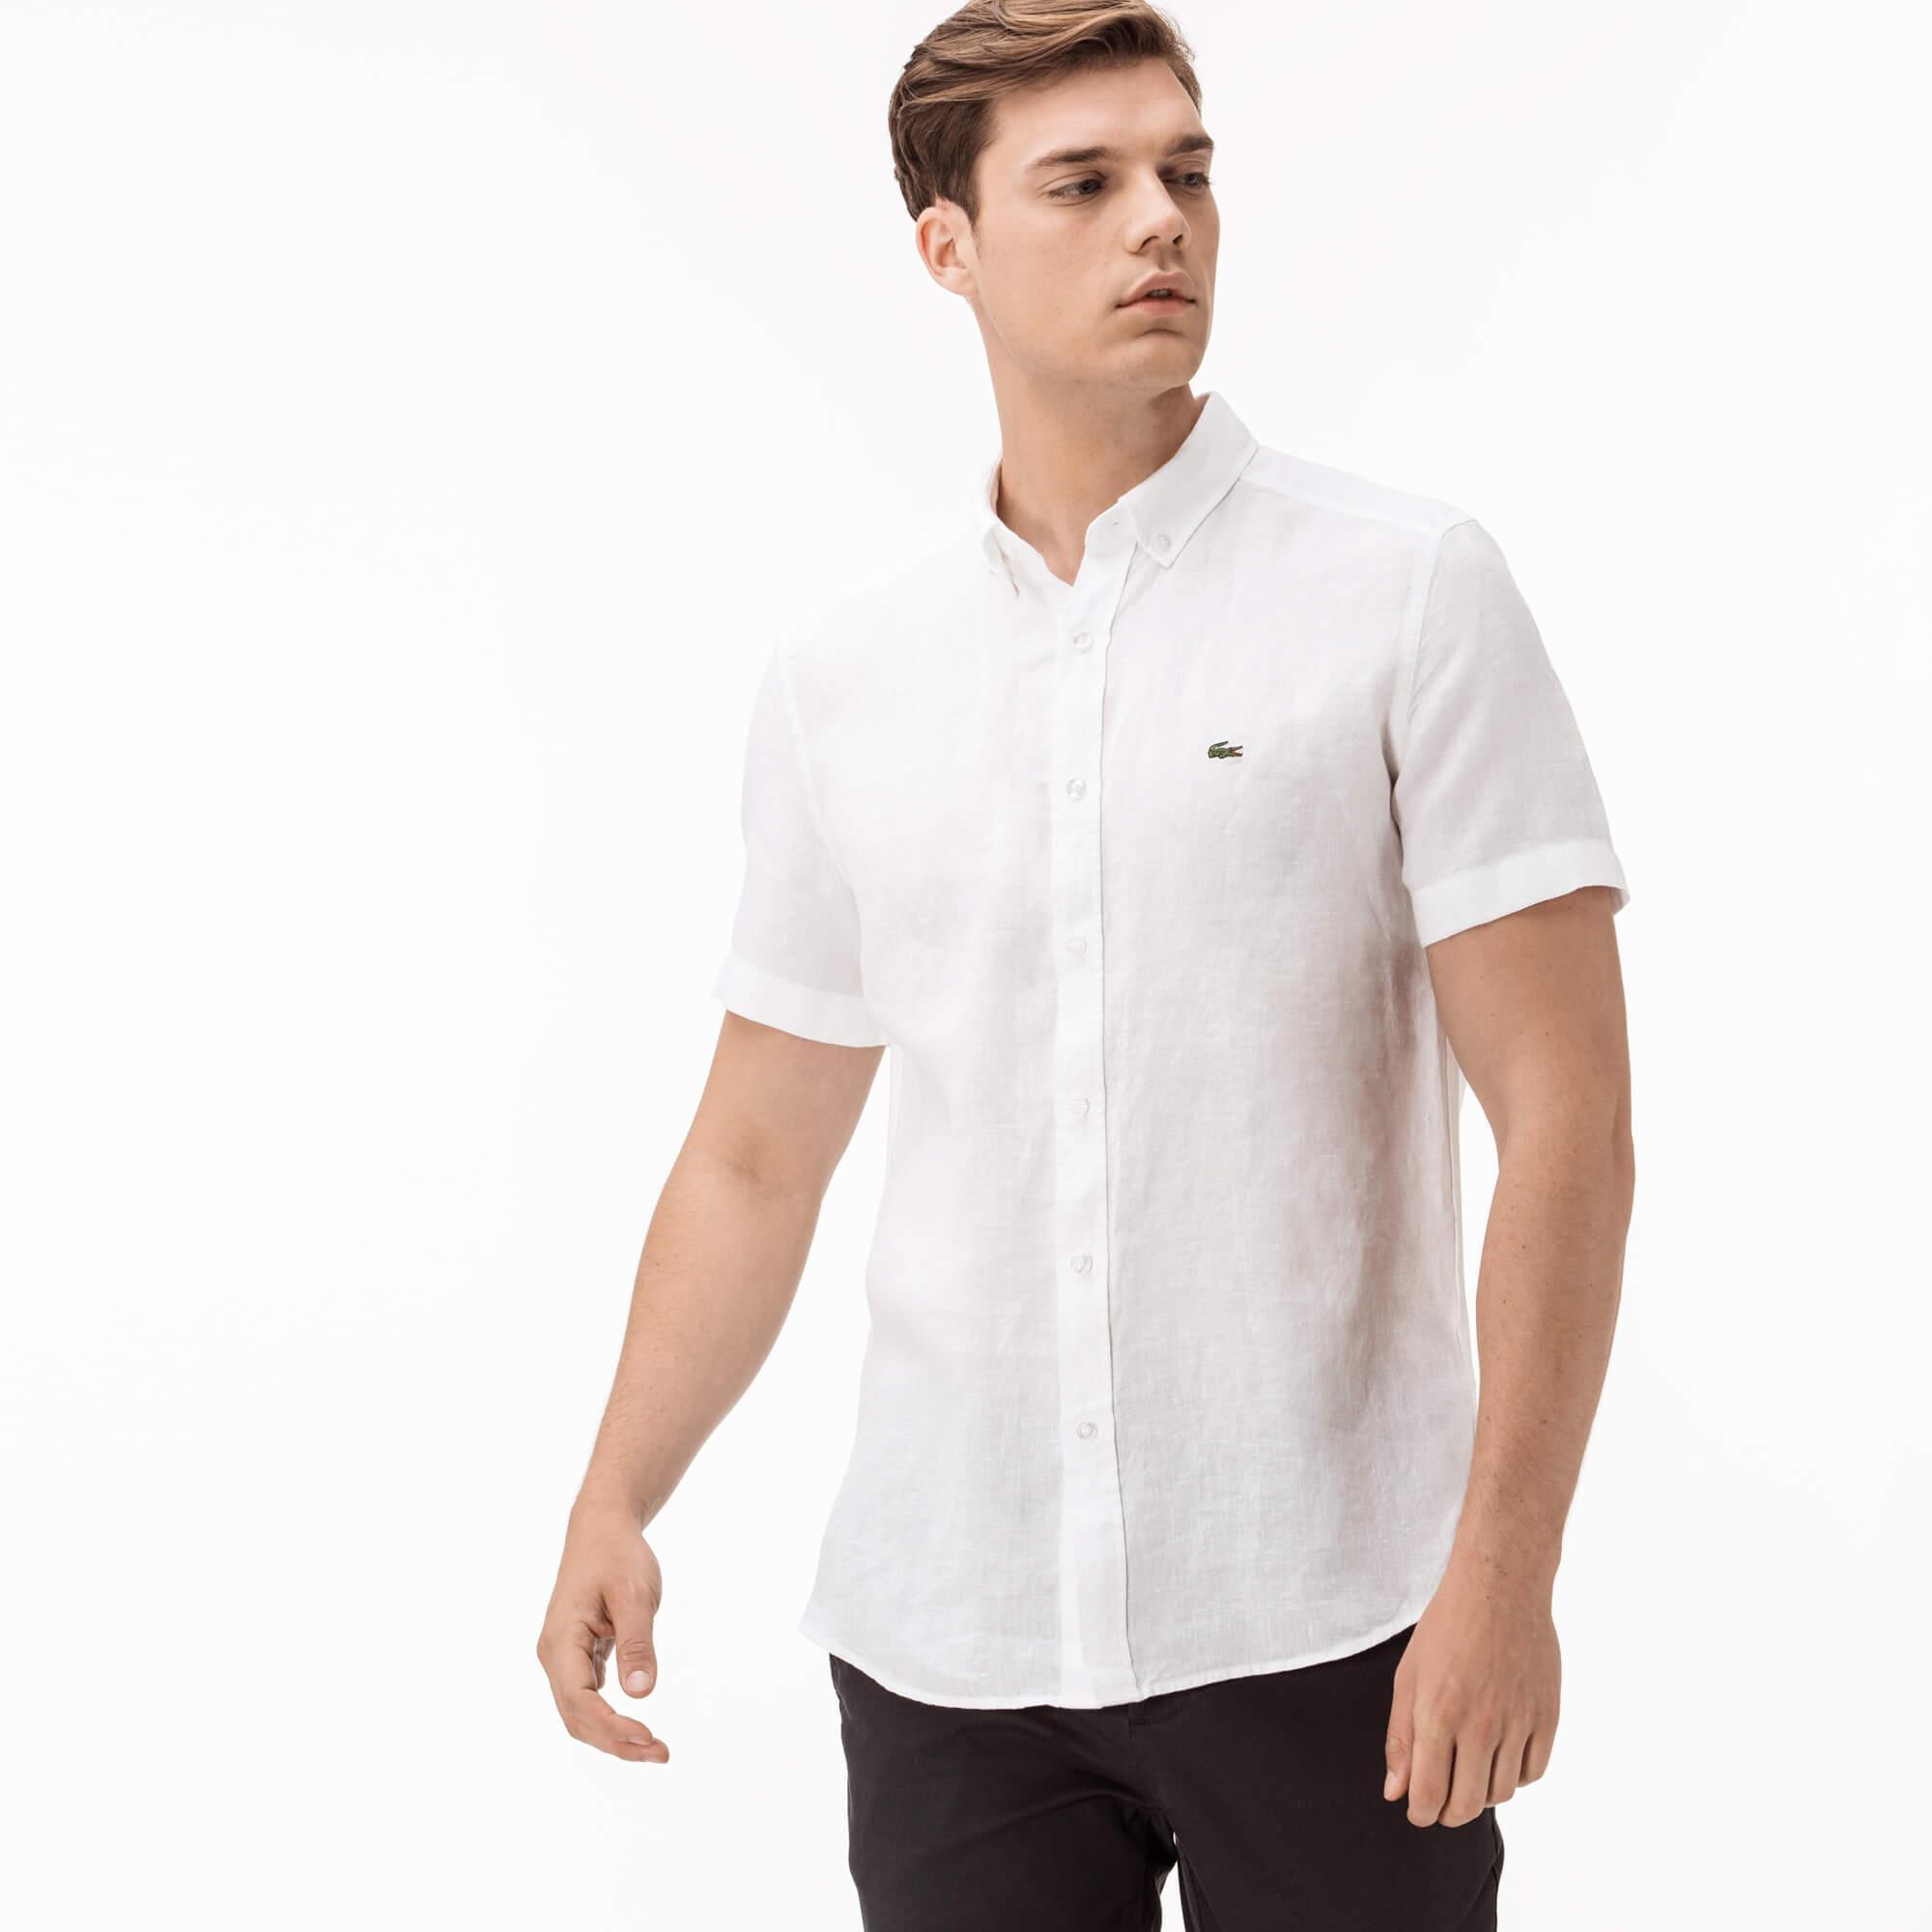 Фото 3 - Мужскую рубашку Lacoste белого цвета